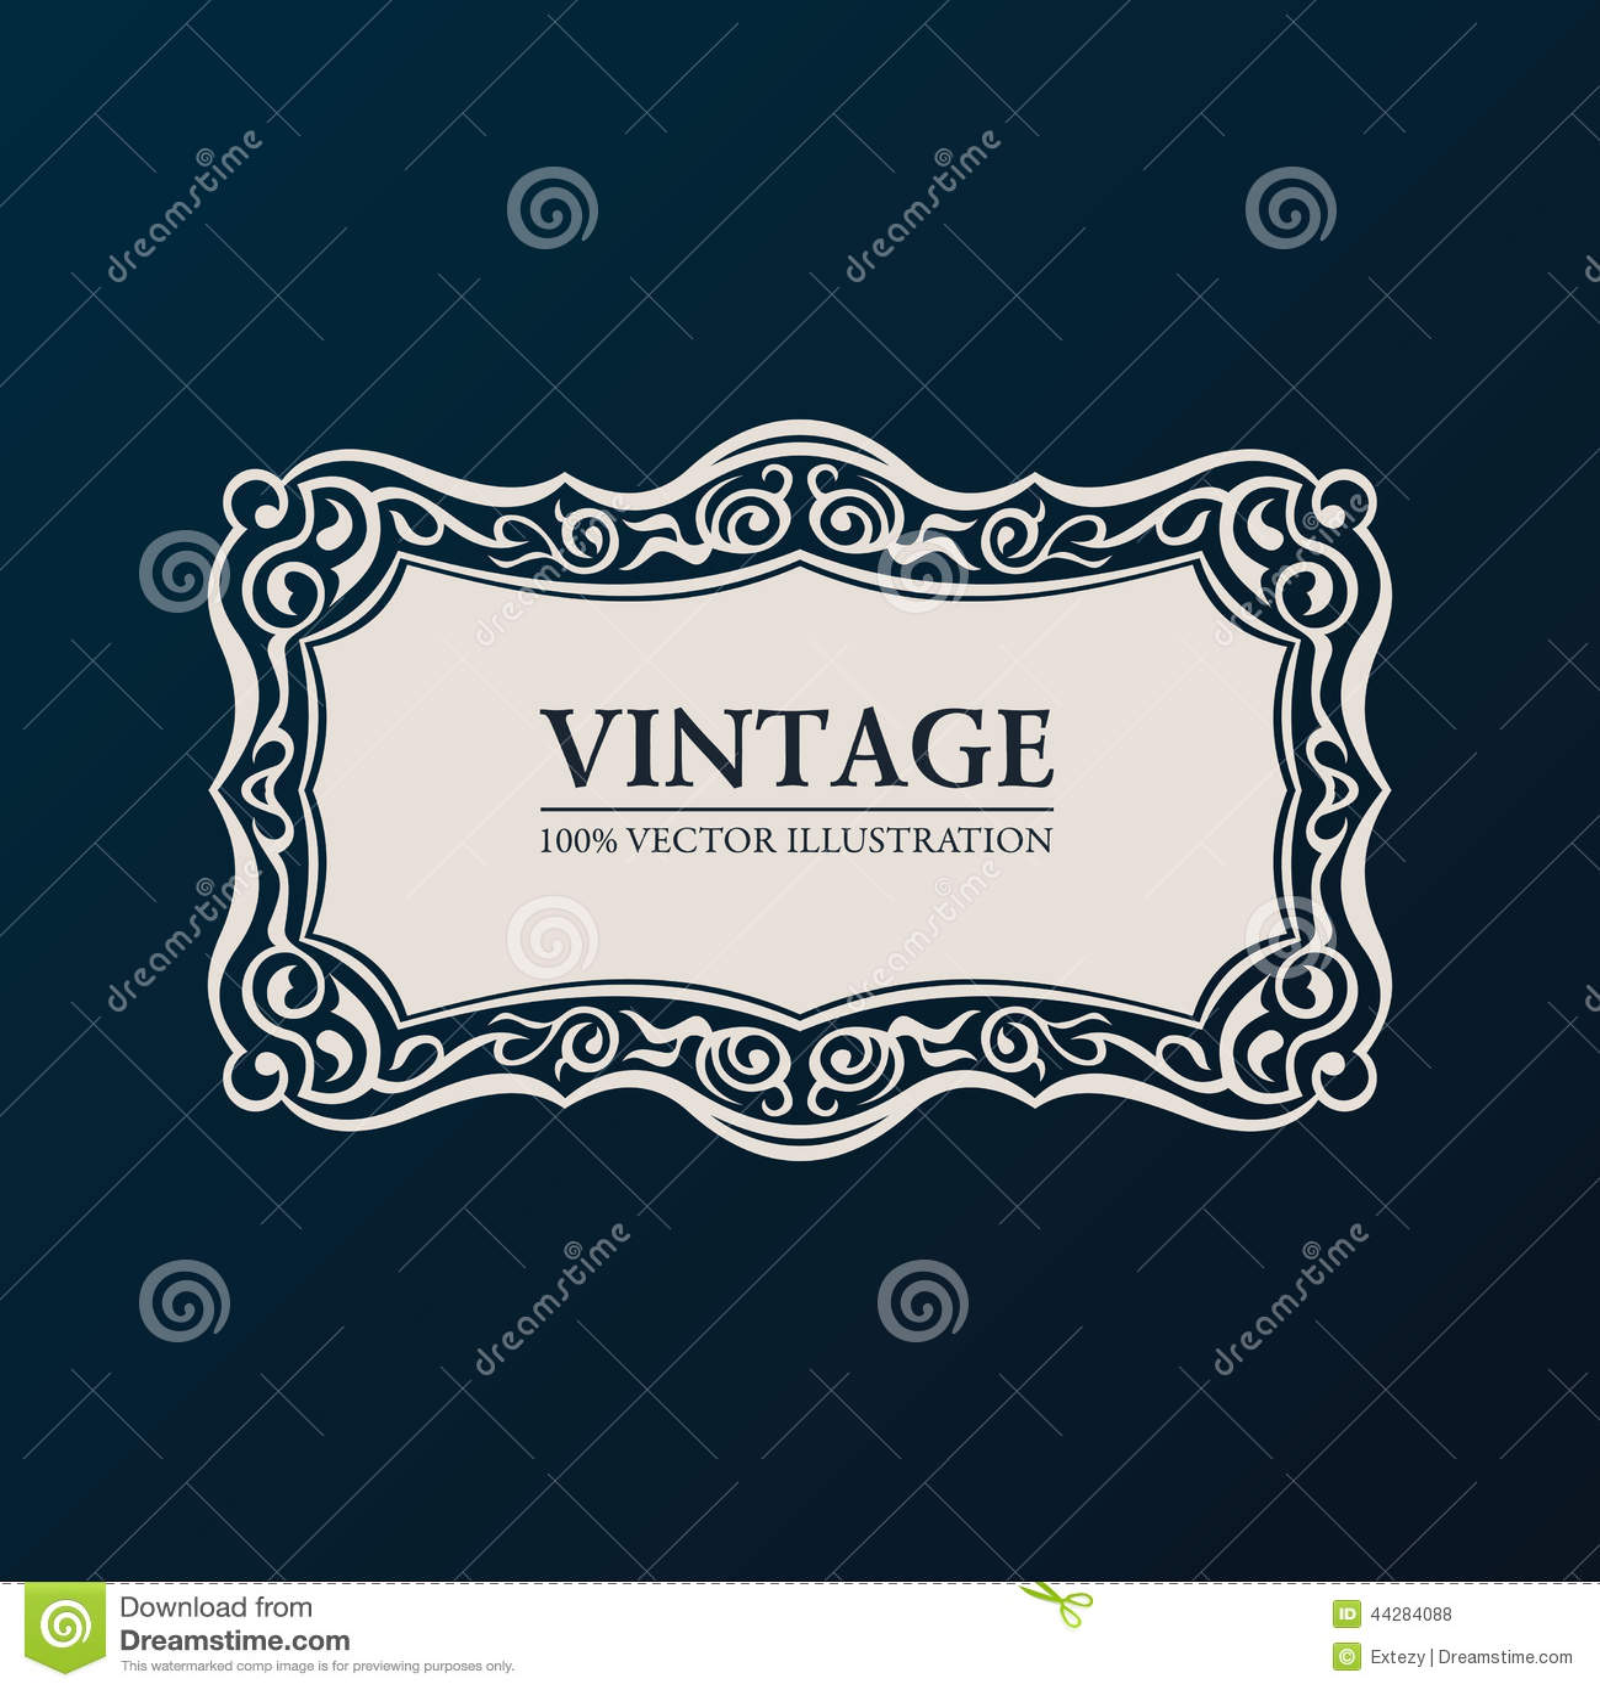 Label vector framework. Vintage banner decor